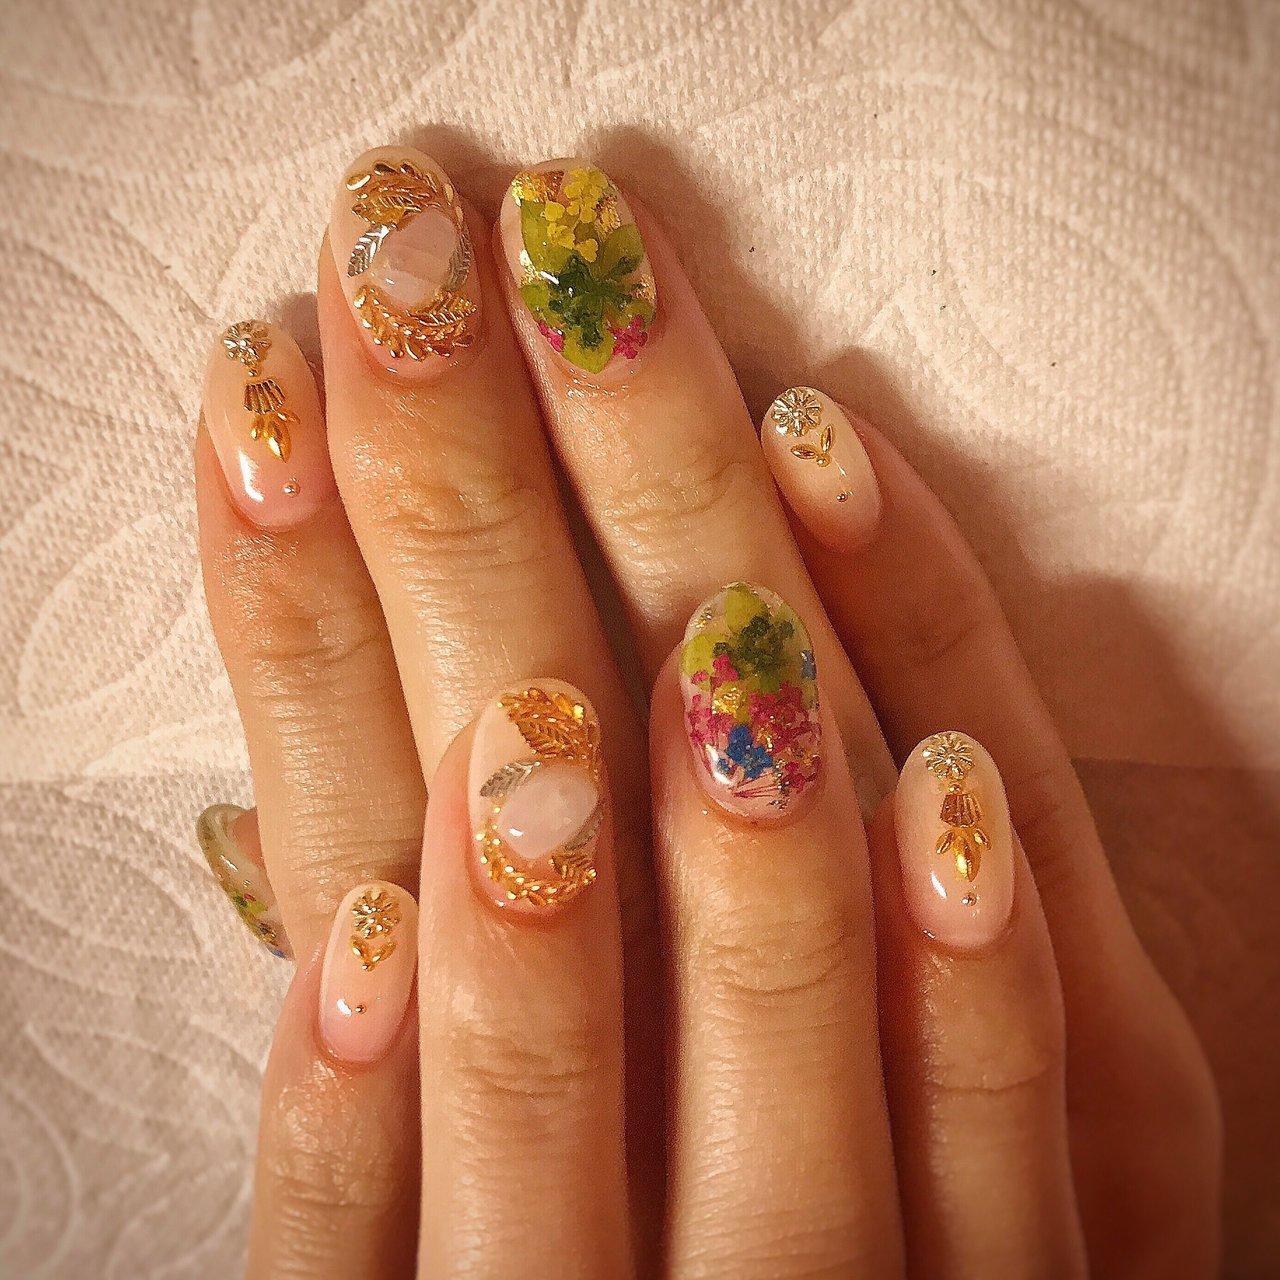 こちらは5本デザインコース¥10000になります🌹✨ 初回のお客様は-¥1000引きです💅 . . クリア感と押し花が春らしいデザイン💐💕 . . いつもお店の中が華やぐ雰囲気に癒されております🥰 今回も可愛いデザインをさせて頂きありがとうございました✨✨ . . . . ご予約や詳細など、お気軽にお問い合わせ下さい♪ LINEID : m3.nails メール :m3.nails@icloud.com . #m3 #プライベートサロン #プライベートネイルサロン #ネイルサロン#privatenailsalon #東京 #tokyo #原宿 #harajuku #キャットストリート #nail #ネイル #ジェルネイル #gelnails #冬ネイル #ニュアンスネイル #月替りデザイン #ネイルデザイン #sweet #可愛い #派手 #派手ネイル #手書き #手書きネイル #宝石 #大理石ネイル #天然石ネイル #春ネイル #春 #卒業式 #入学式 #オフィス #ハンド #フラワー #シースルー #ニュアンス #ボタニカル #押し花 #ミディアム #クリア #ベージュ #パステル #ジェル #お客様 #M3 mako #ネイルブック